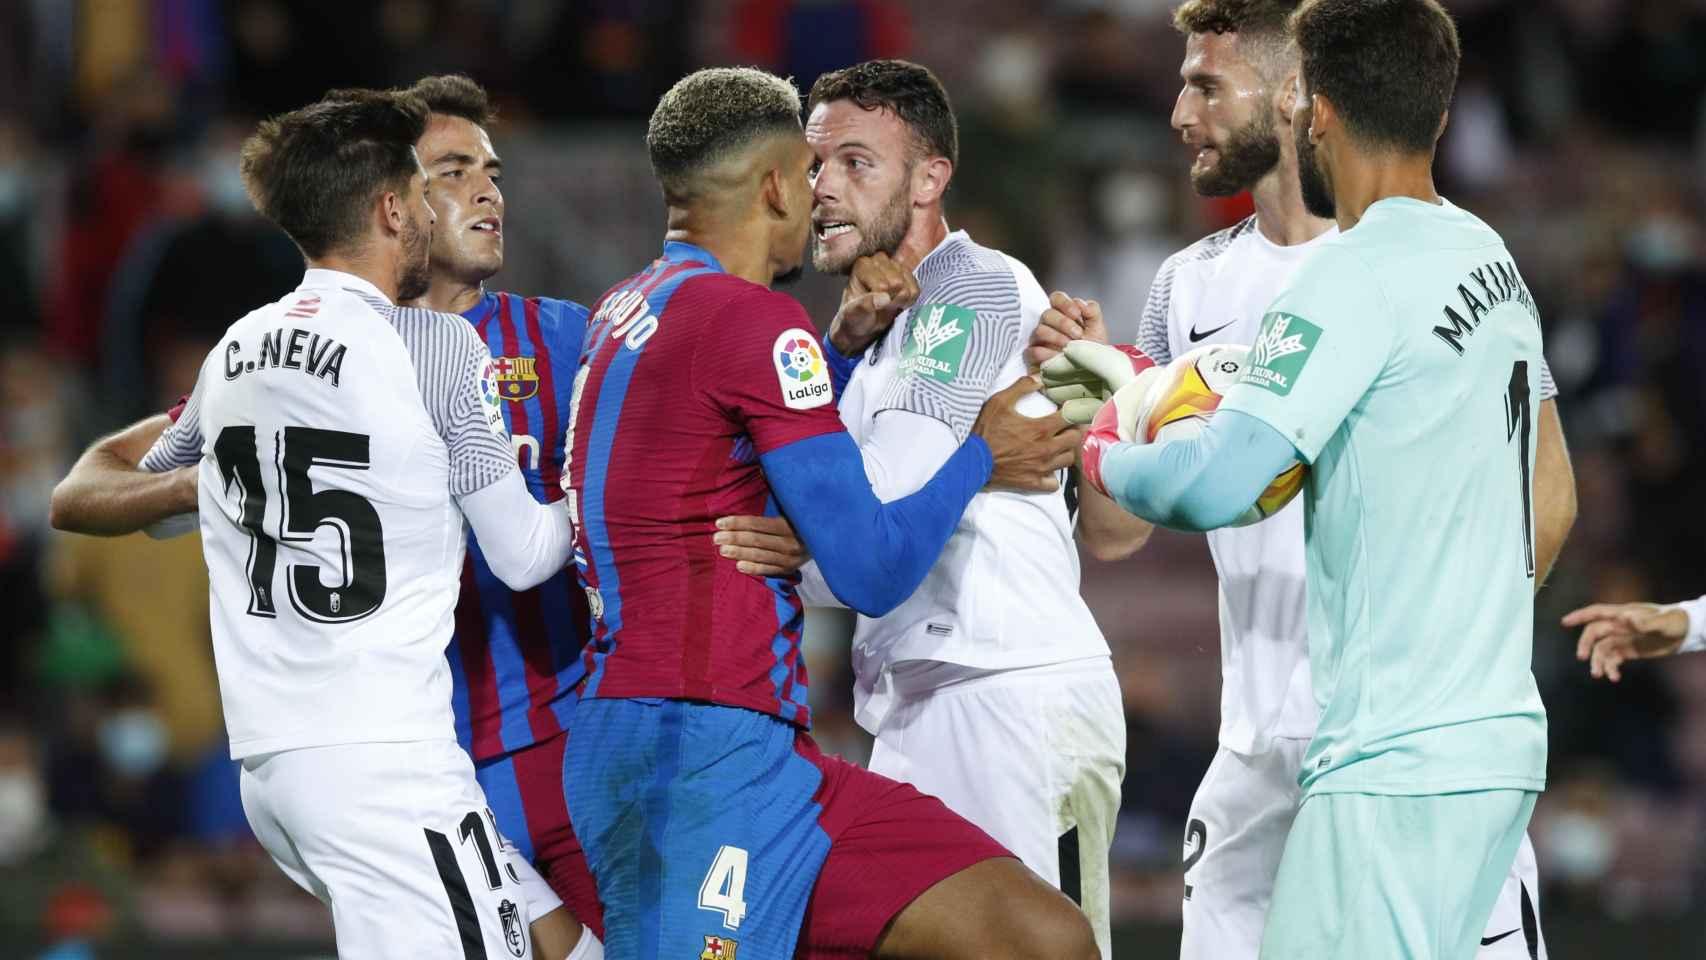 Tangana entre Ronald Araujo y Domingos Duarte, en el Barcelona - Granada de La Liga 2021/2022